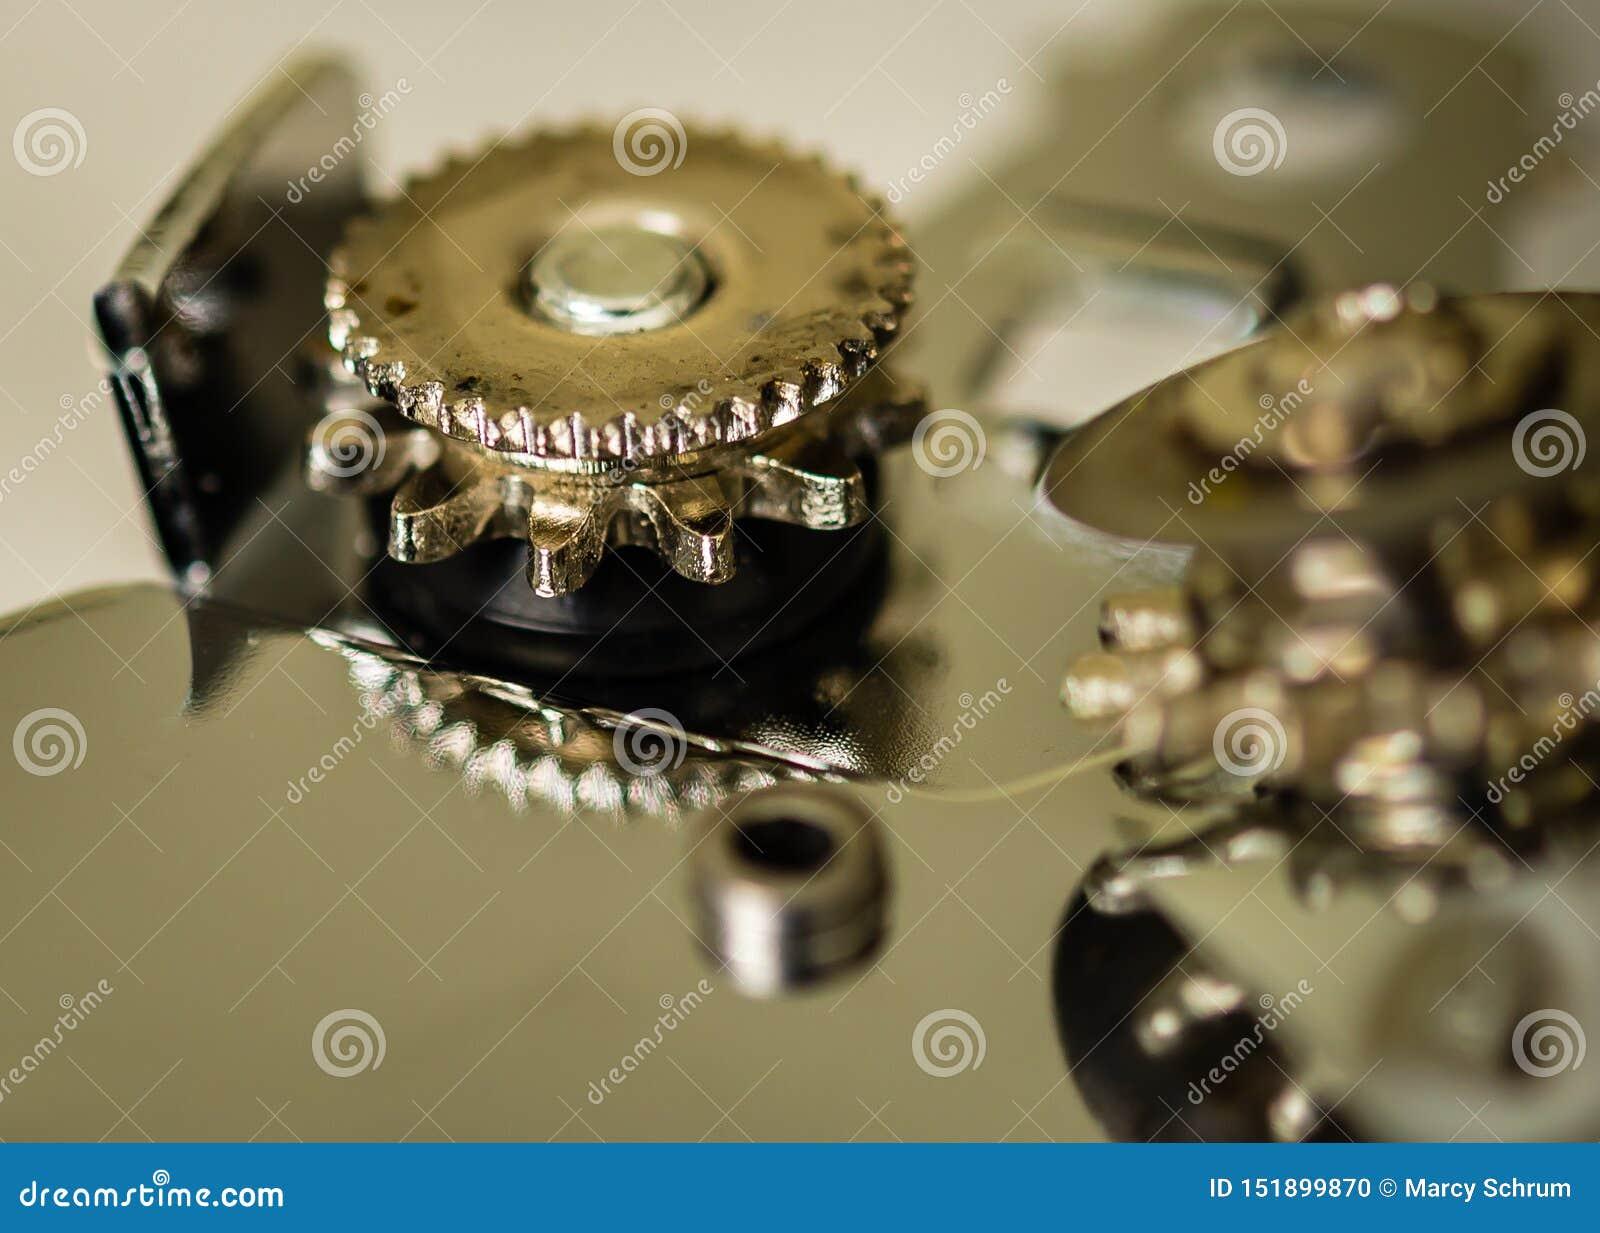 Sumário macro do close-up das rodas de um abridor de lata visto do lado